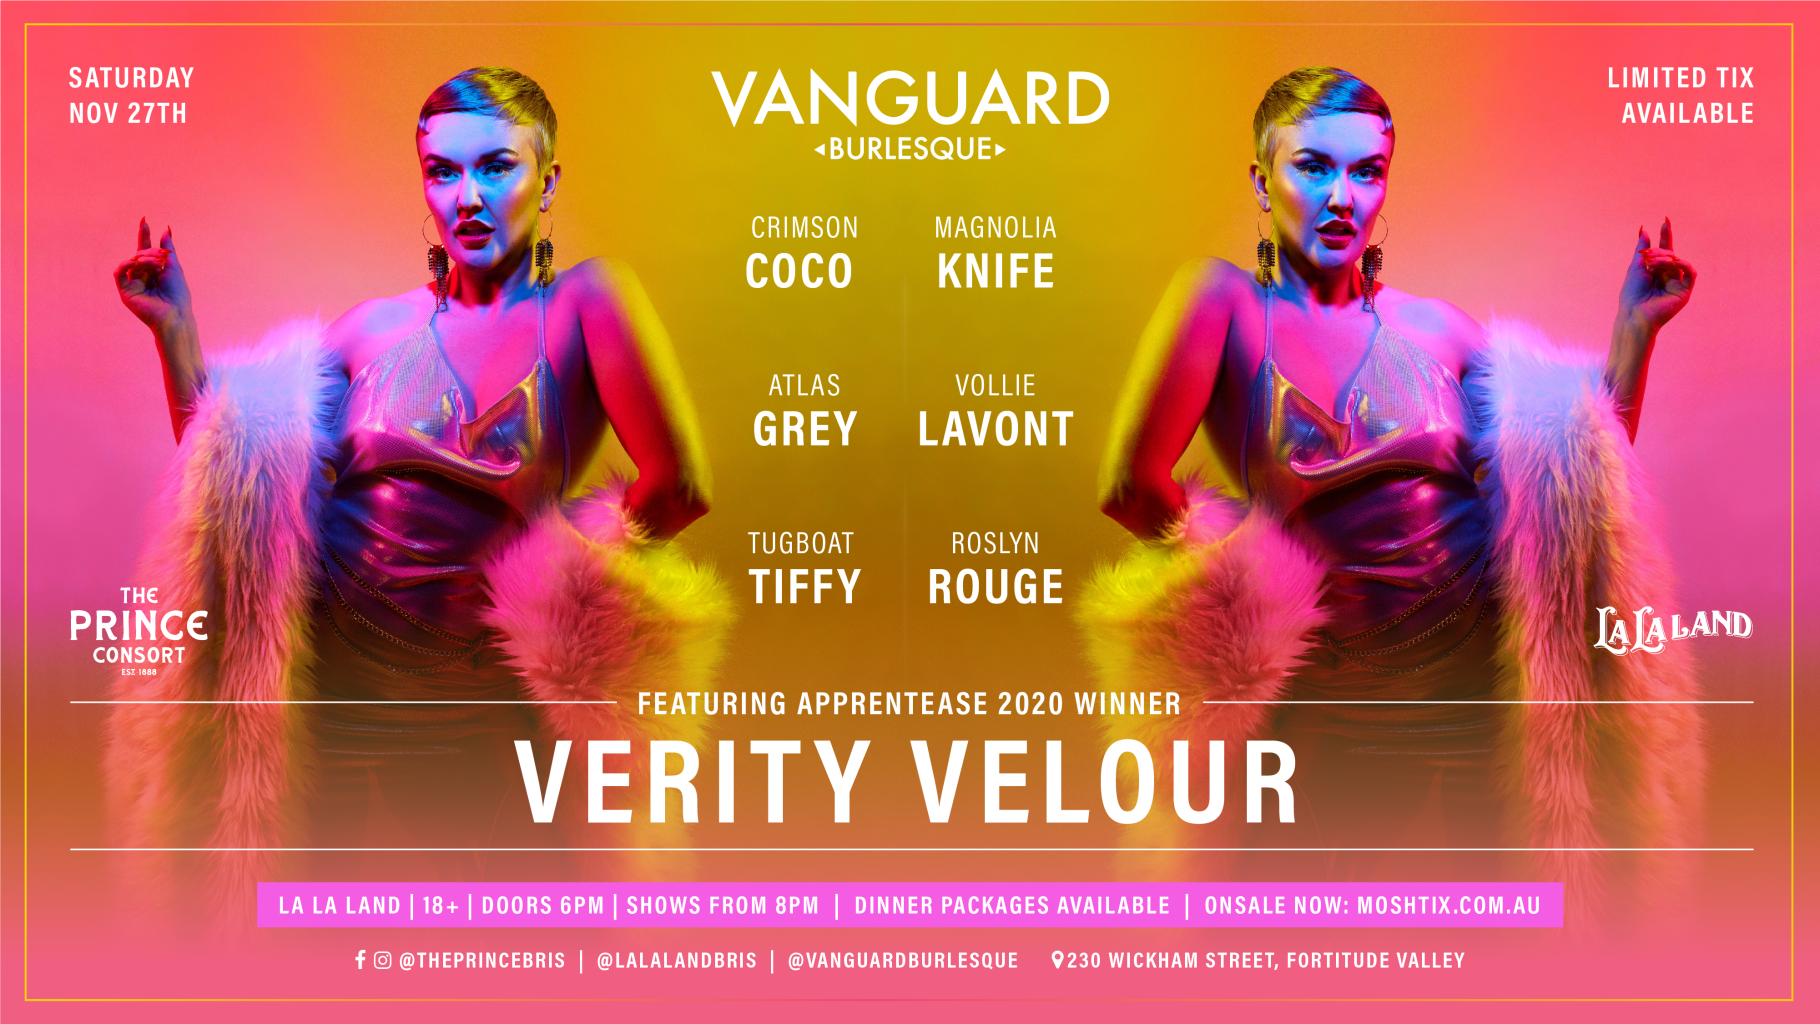 Vanguard Burlesque Ft. Verity velour